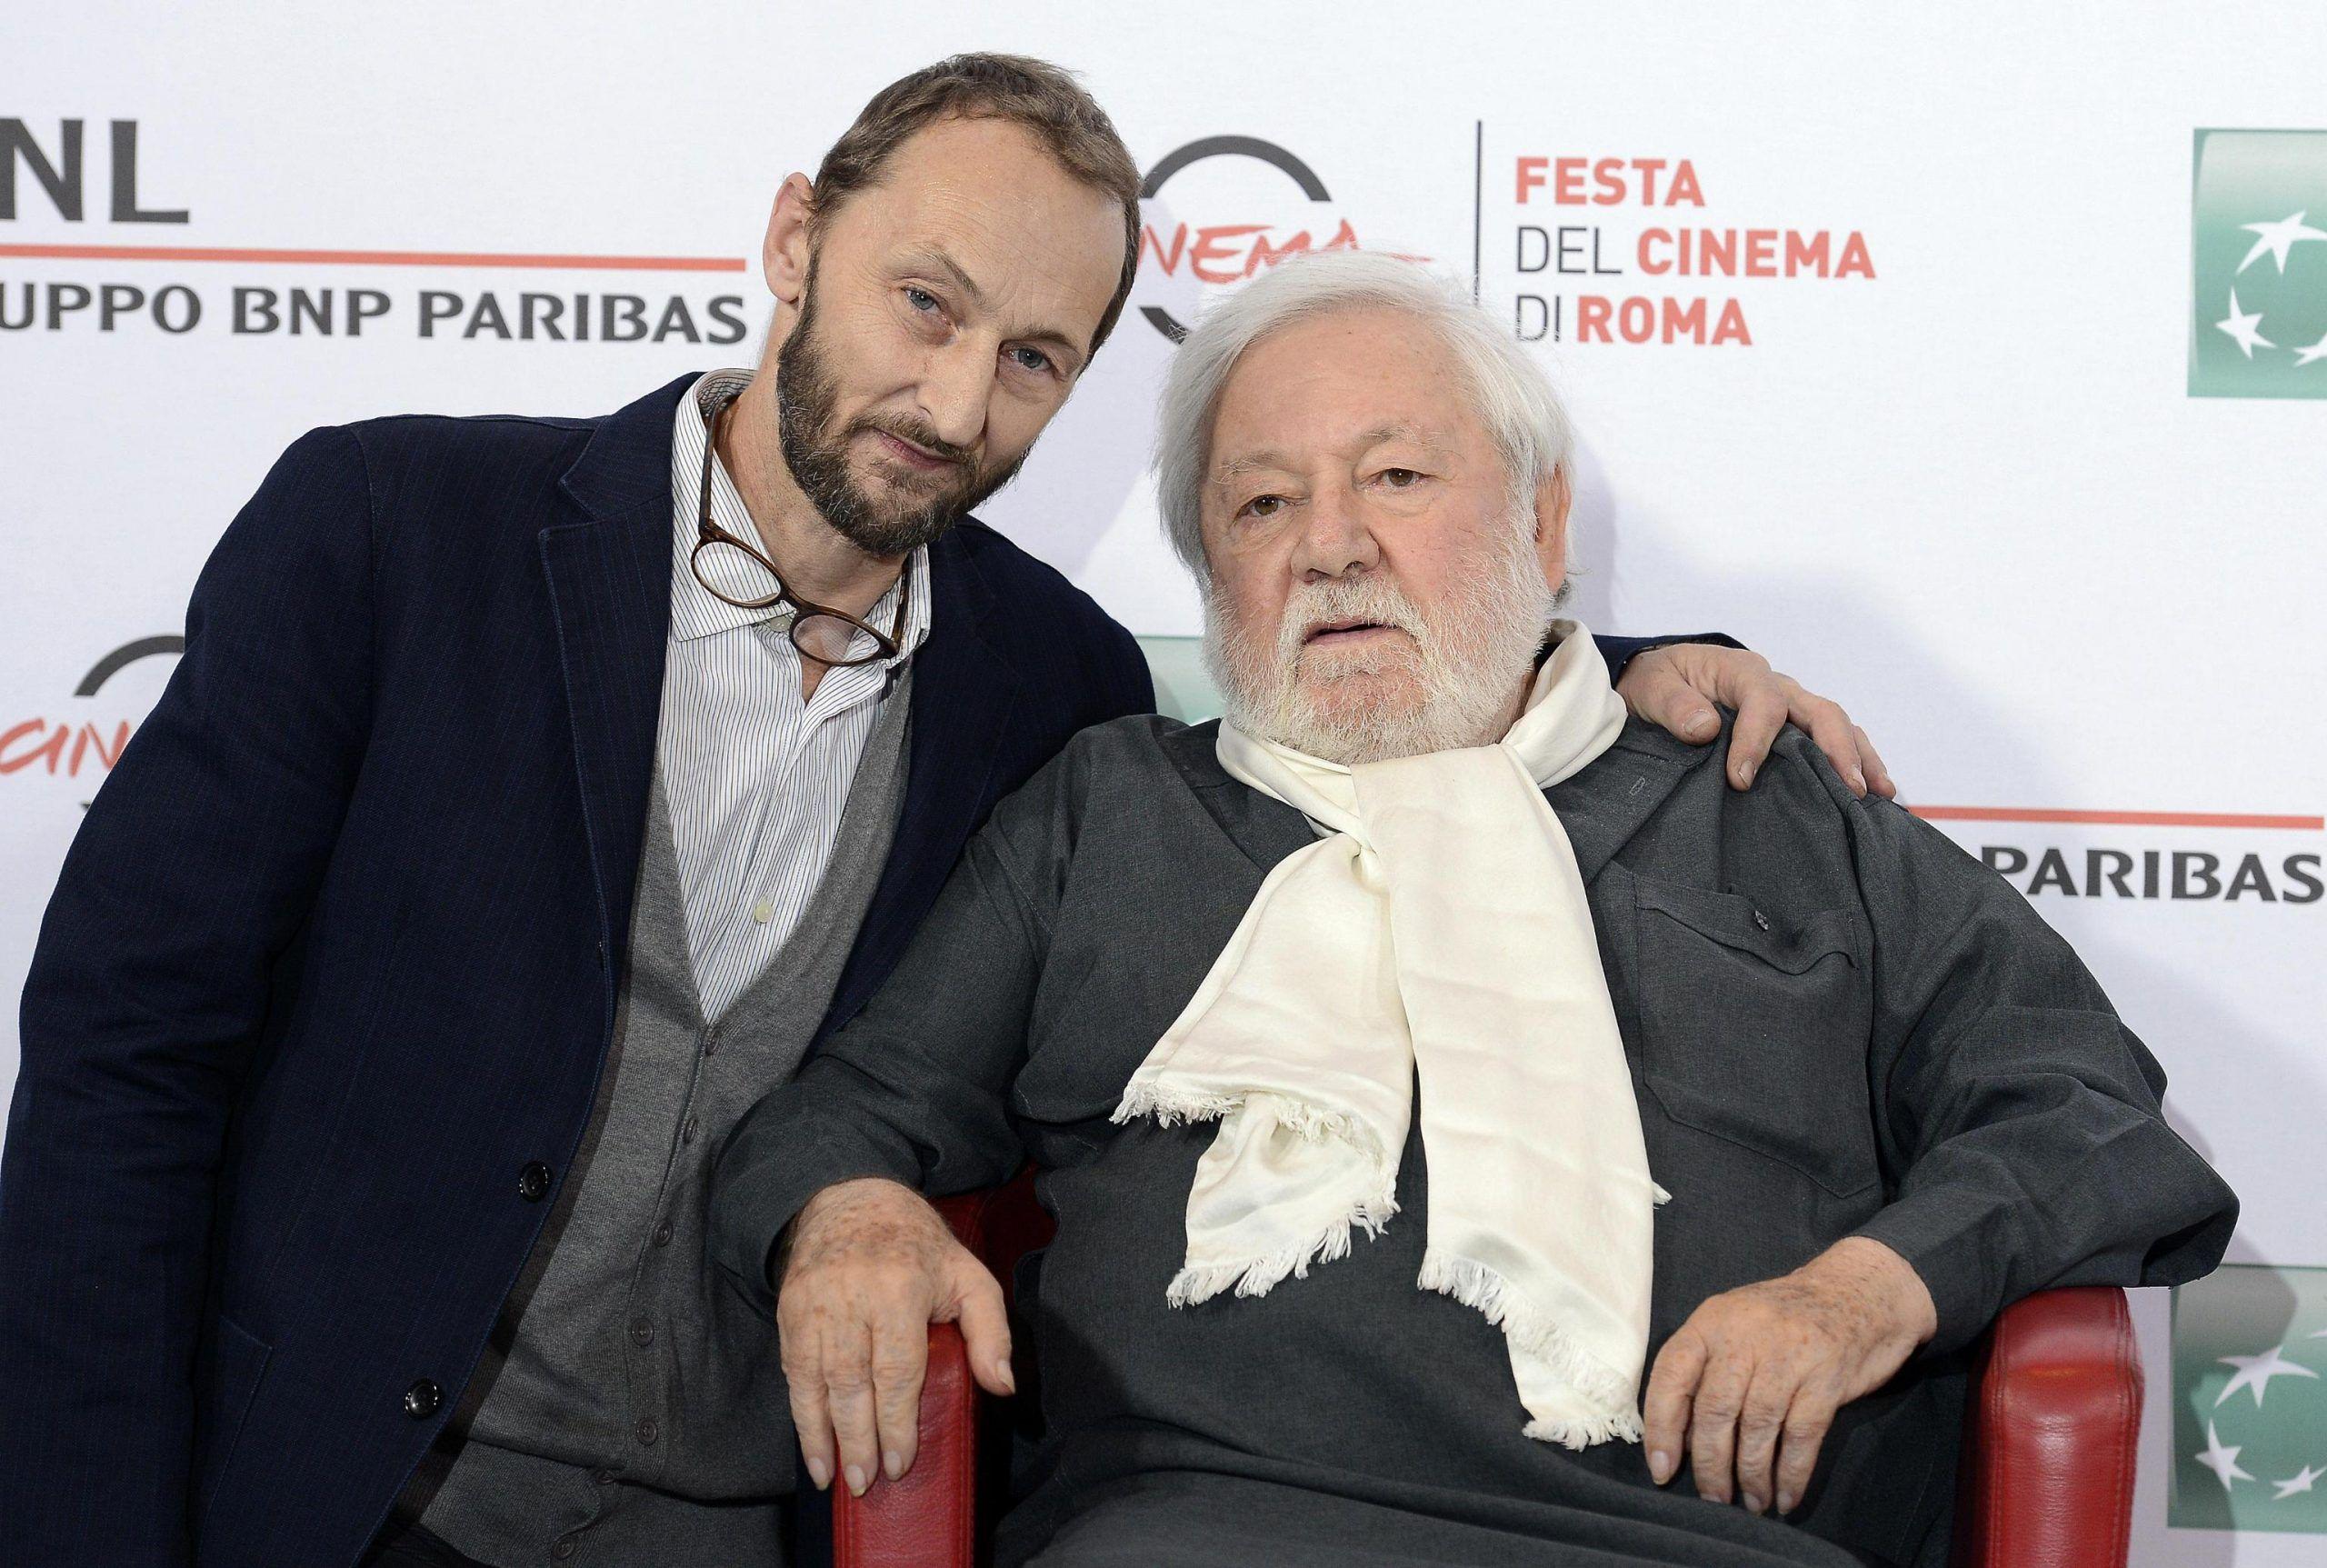 Paolo Villaggio, il figlio Piero a Storie Italiane: 'Papà è stato assente ma non è colpa sua se mi drogavo'